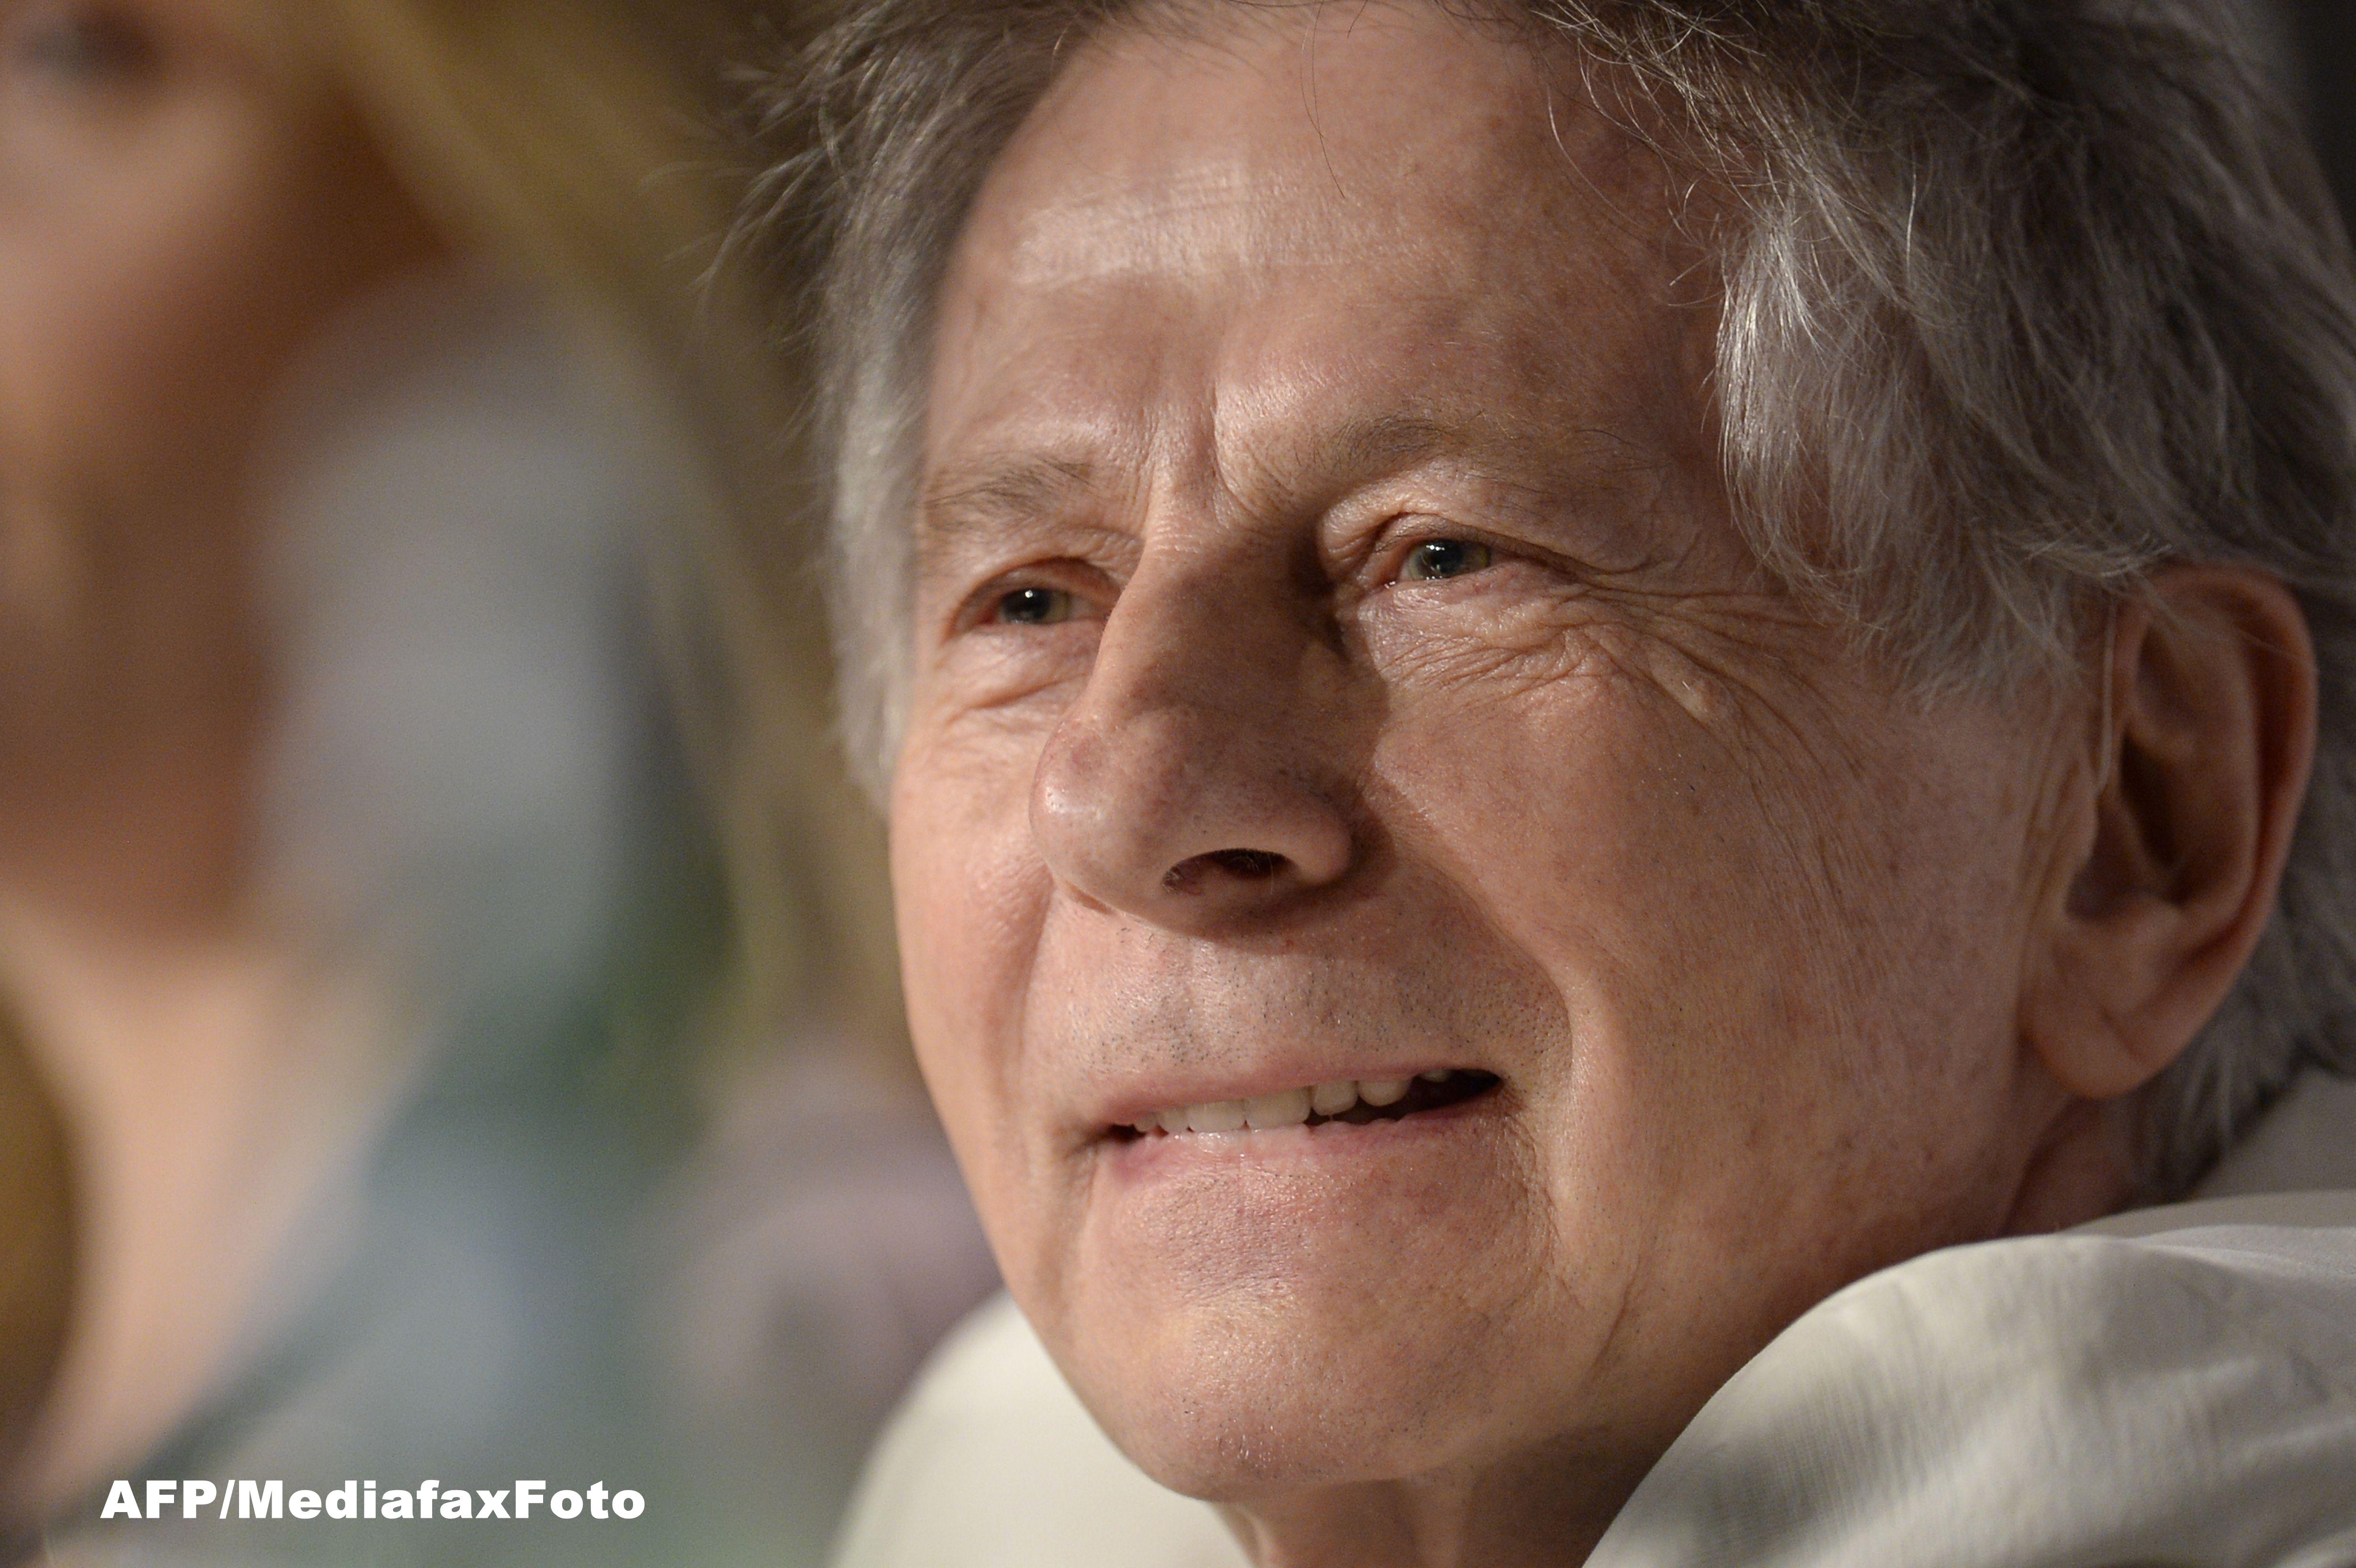 Tribunalul din Los Angeles refuza cererea lui Roman Polanski de inchidere a dosarului sau de pedofilie, din 1977